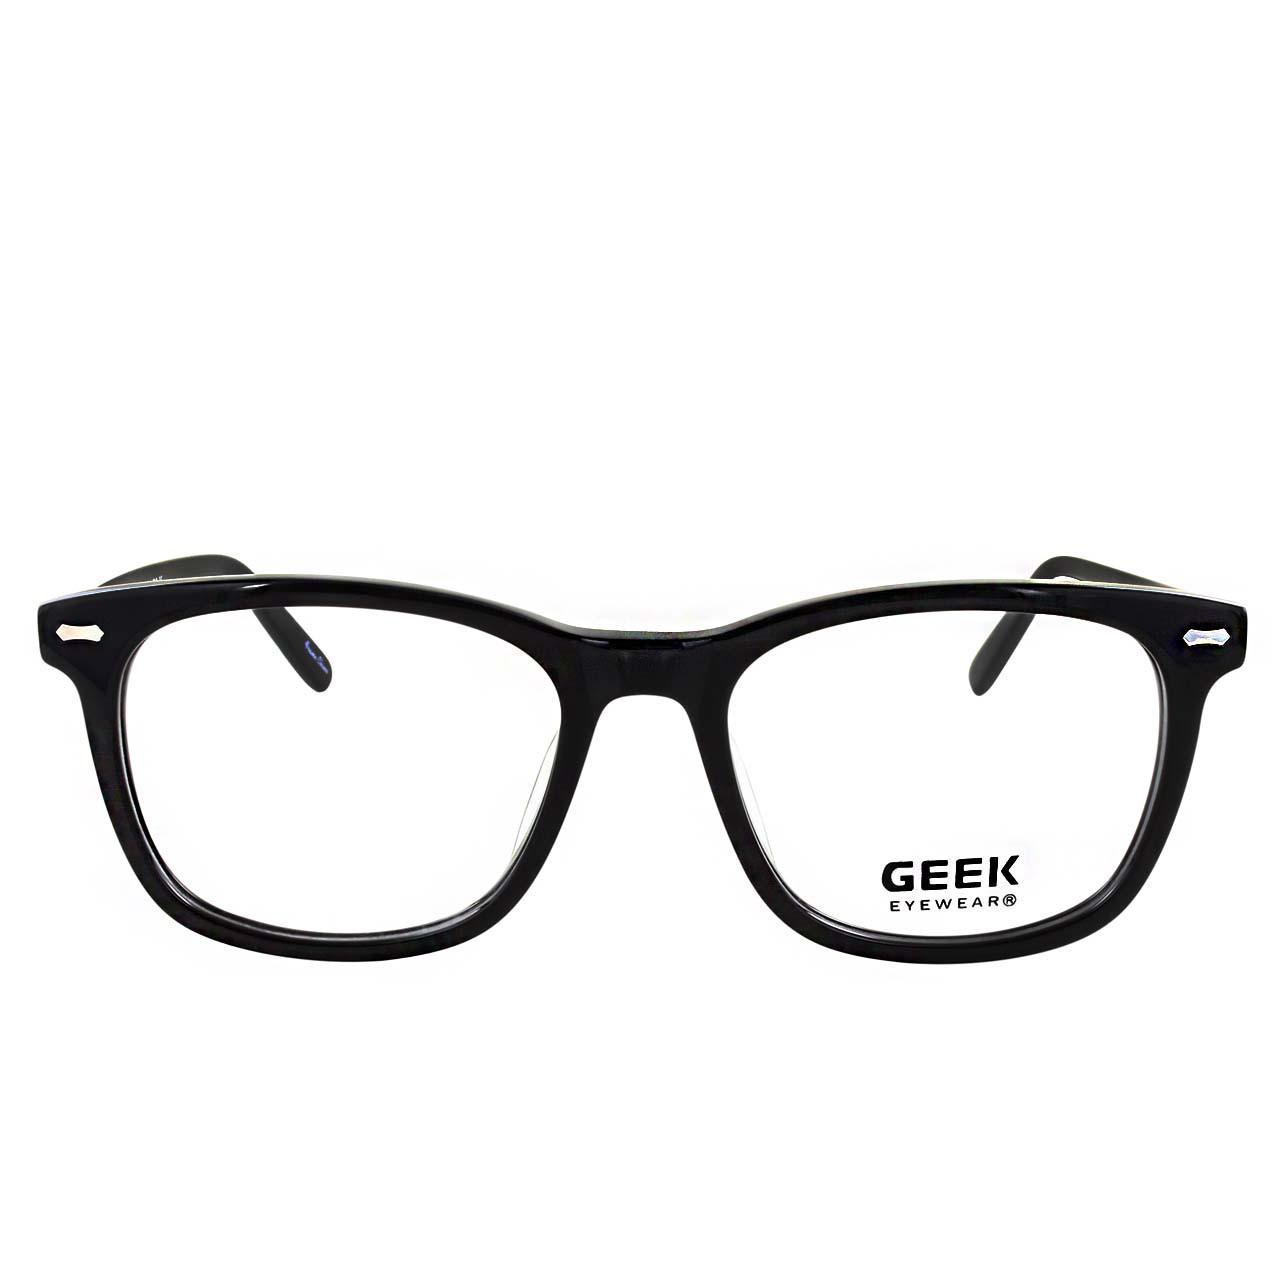 GEEK Eyewear GEEK VENTI